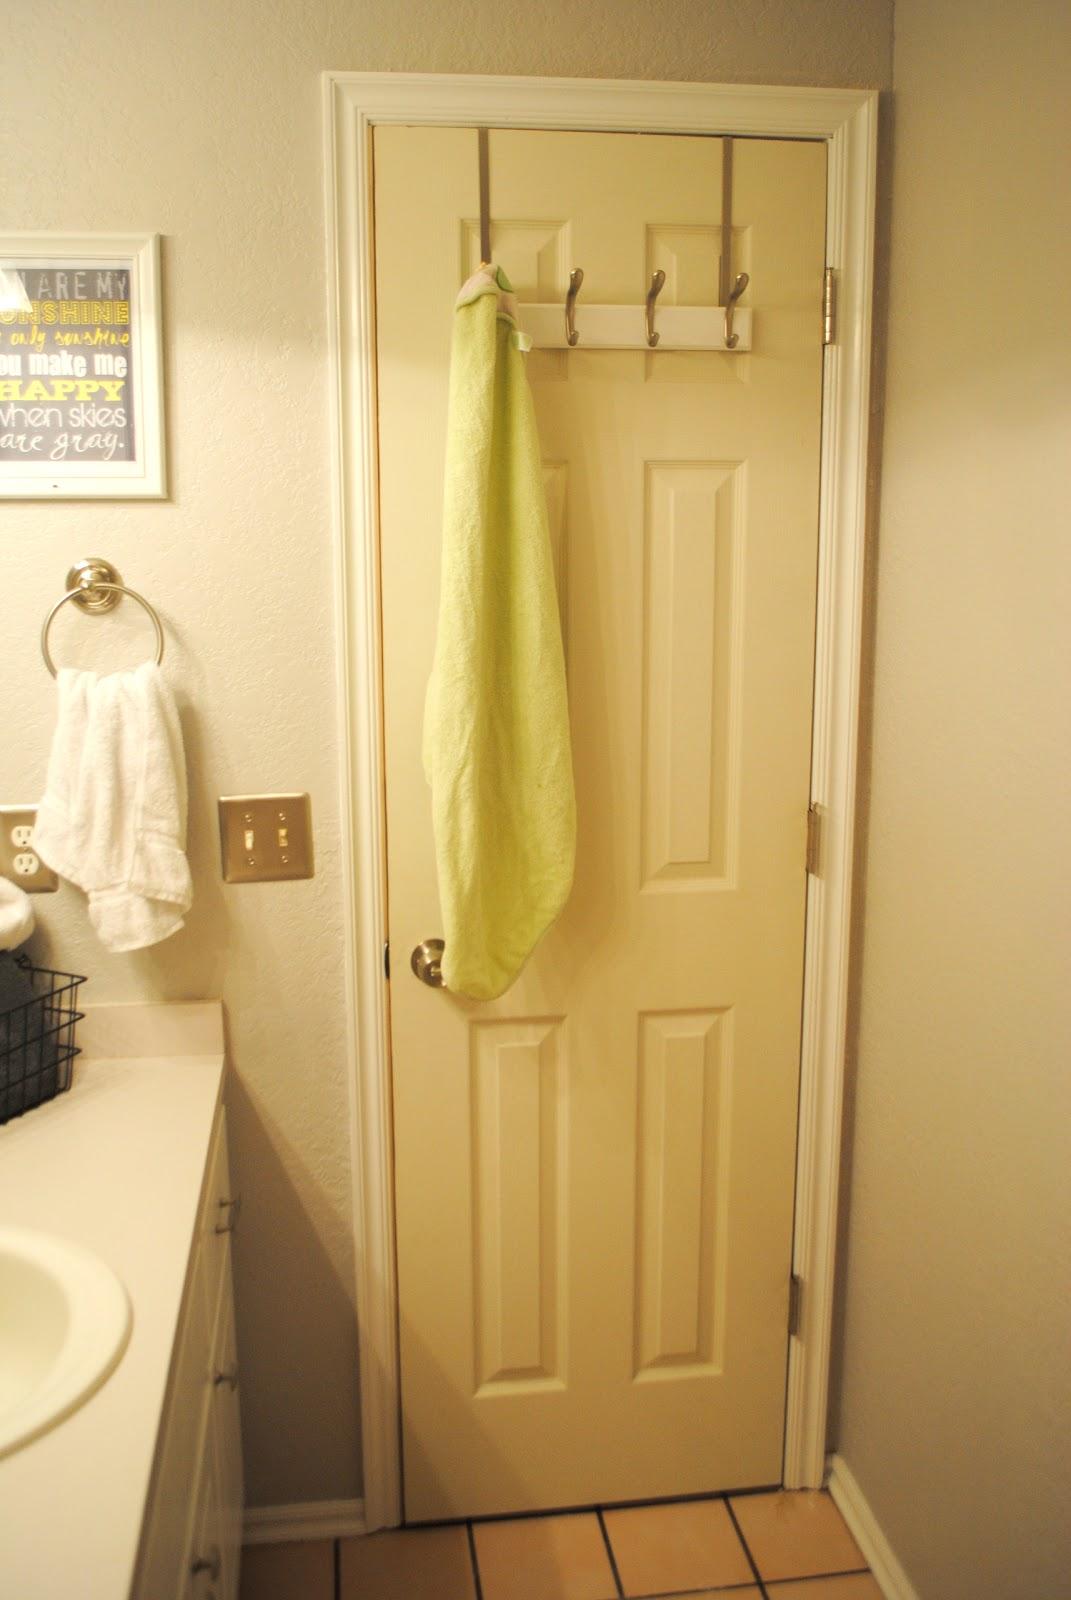 Bathroom Interior Door Preppy Mom Ive Got Sunshine Yellow Interior Door